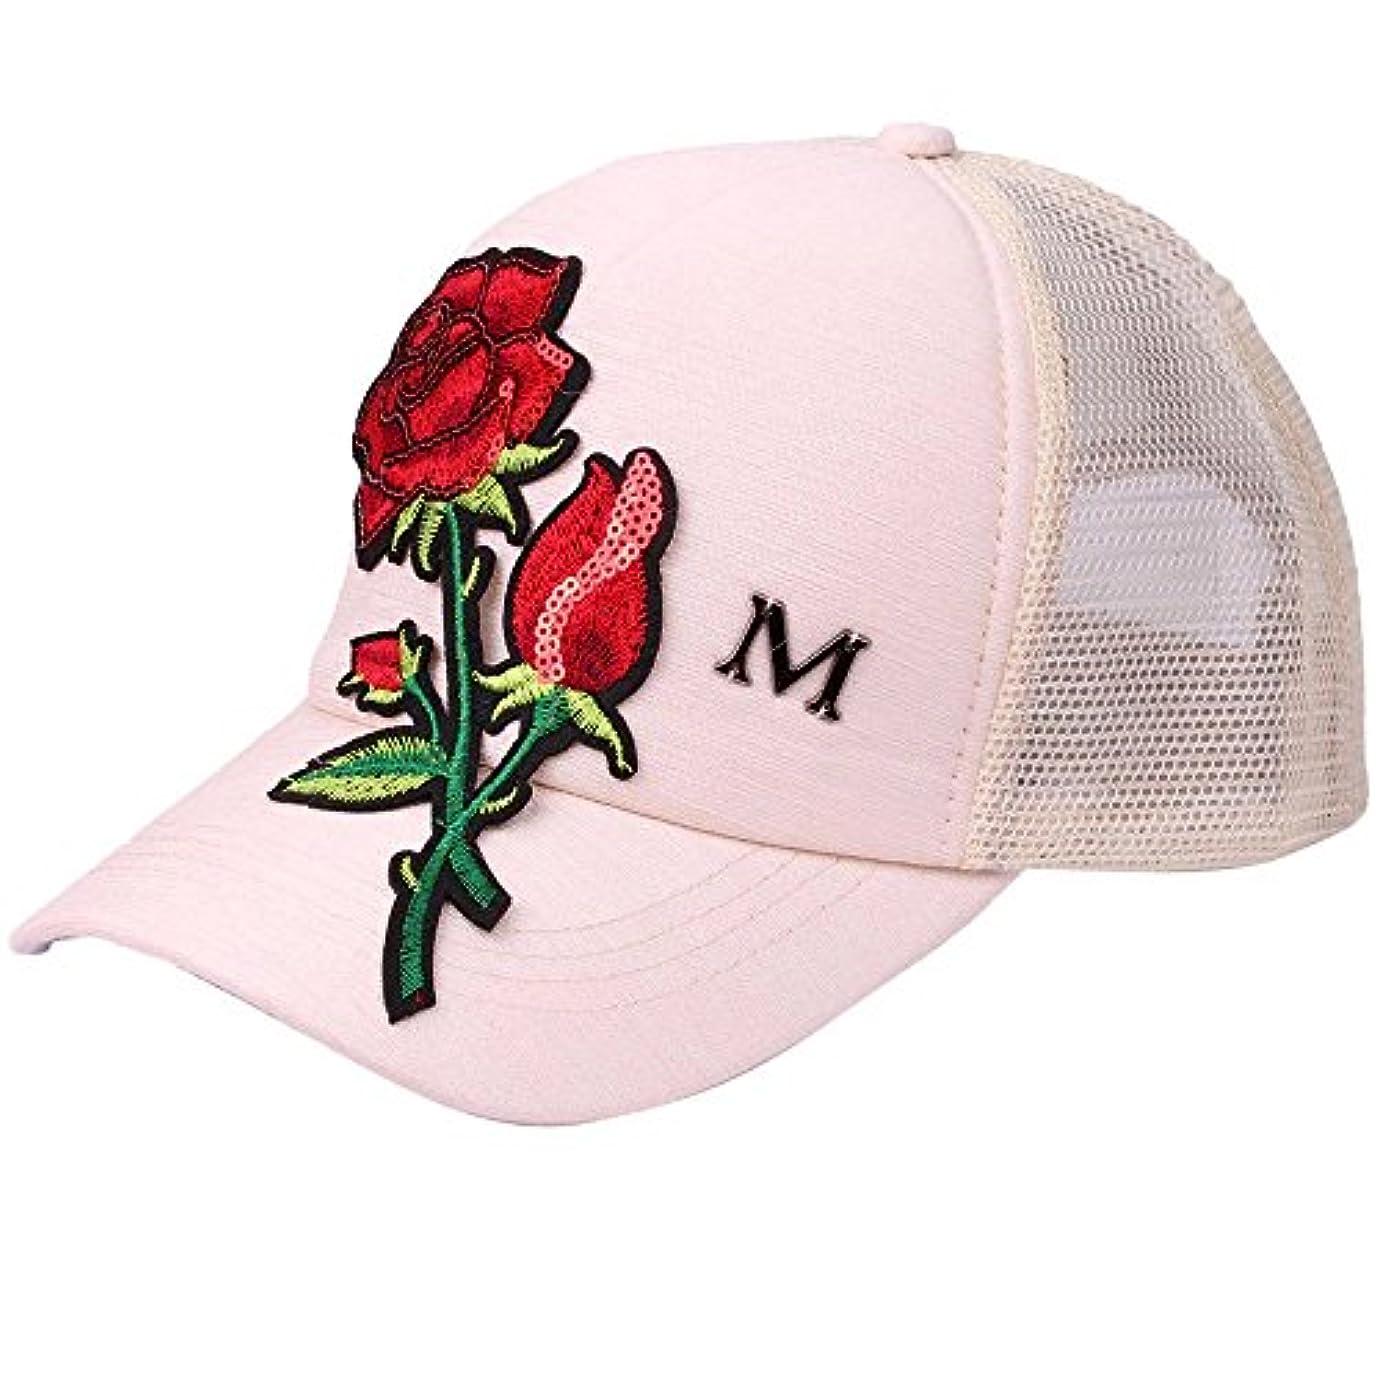 ピクニック編集するギャンブルRacazing Cap ローズ 刺繍 ヒップホップ 野球帽 通気性のある 帽子 夏 登山 メッシュ 可調整可能 棒球帽 UV 帽子 軽量 屋外 Unisex Hat (ベージュ)